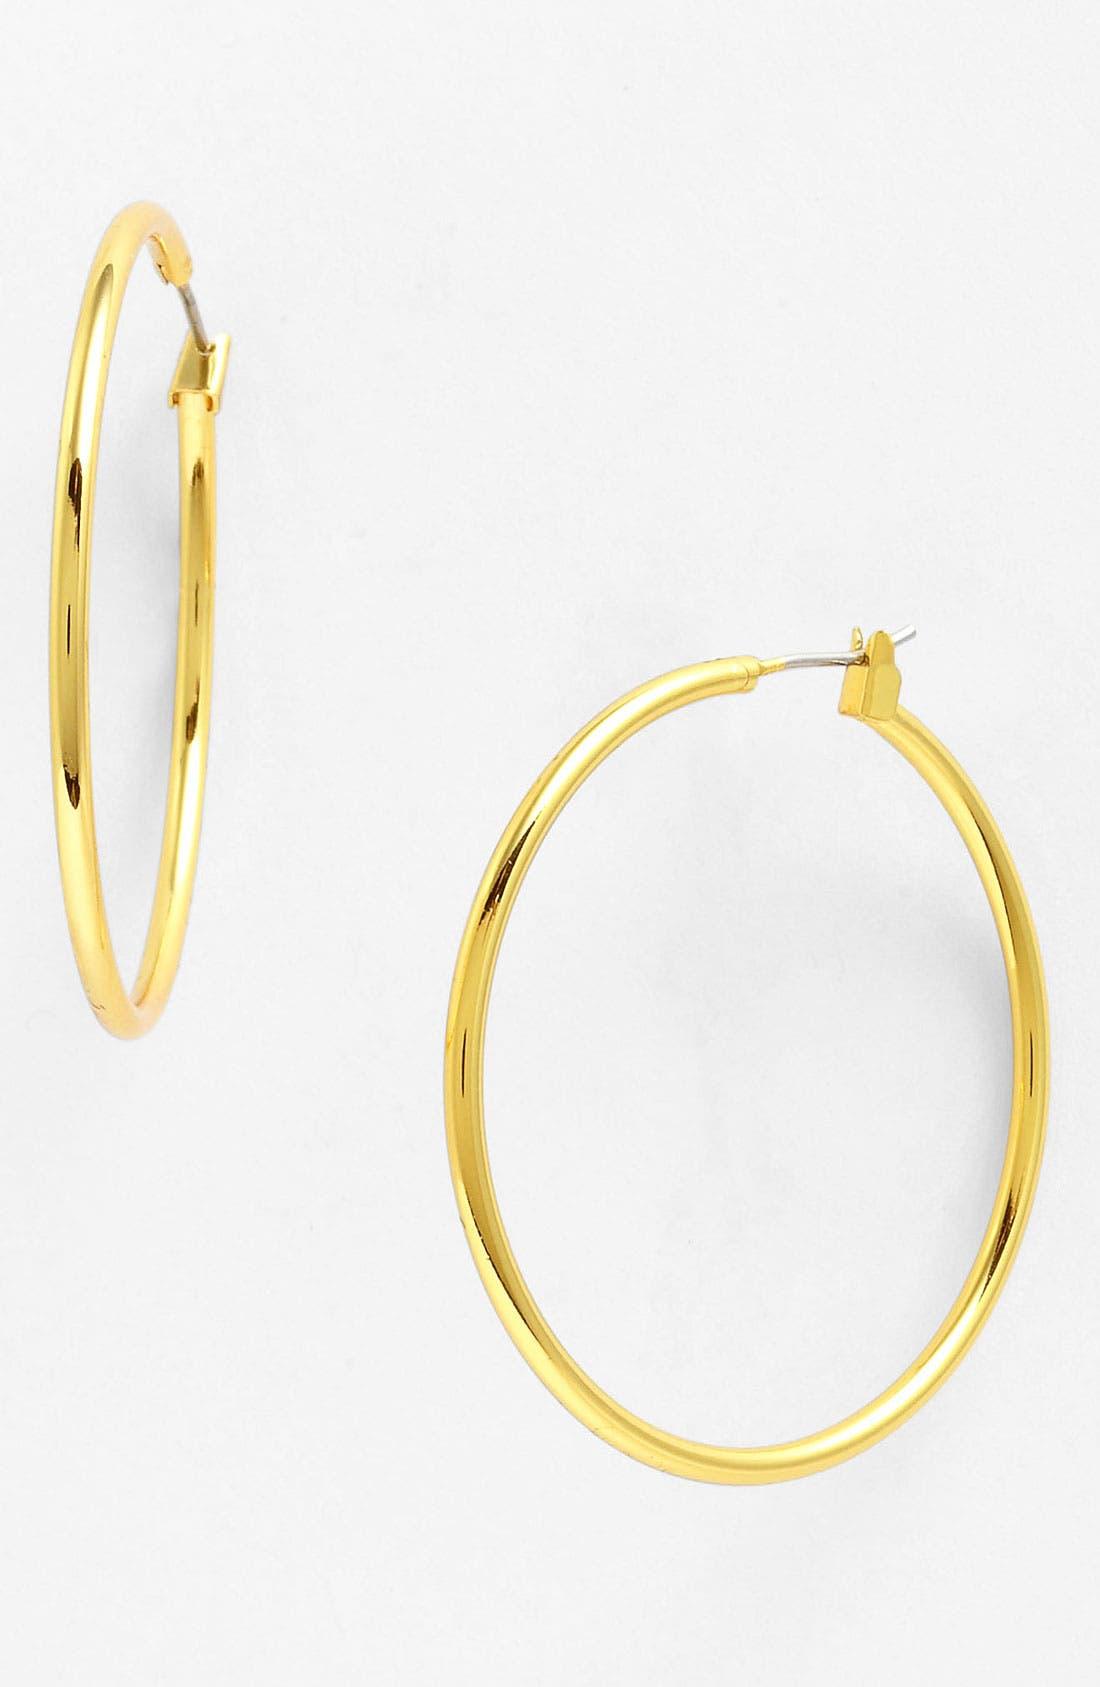 Main Image - Anne Klein Large Hoop Earrings